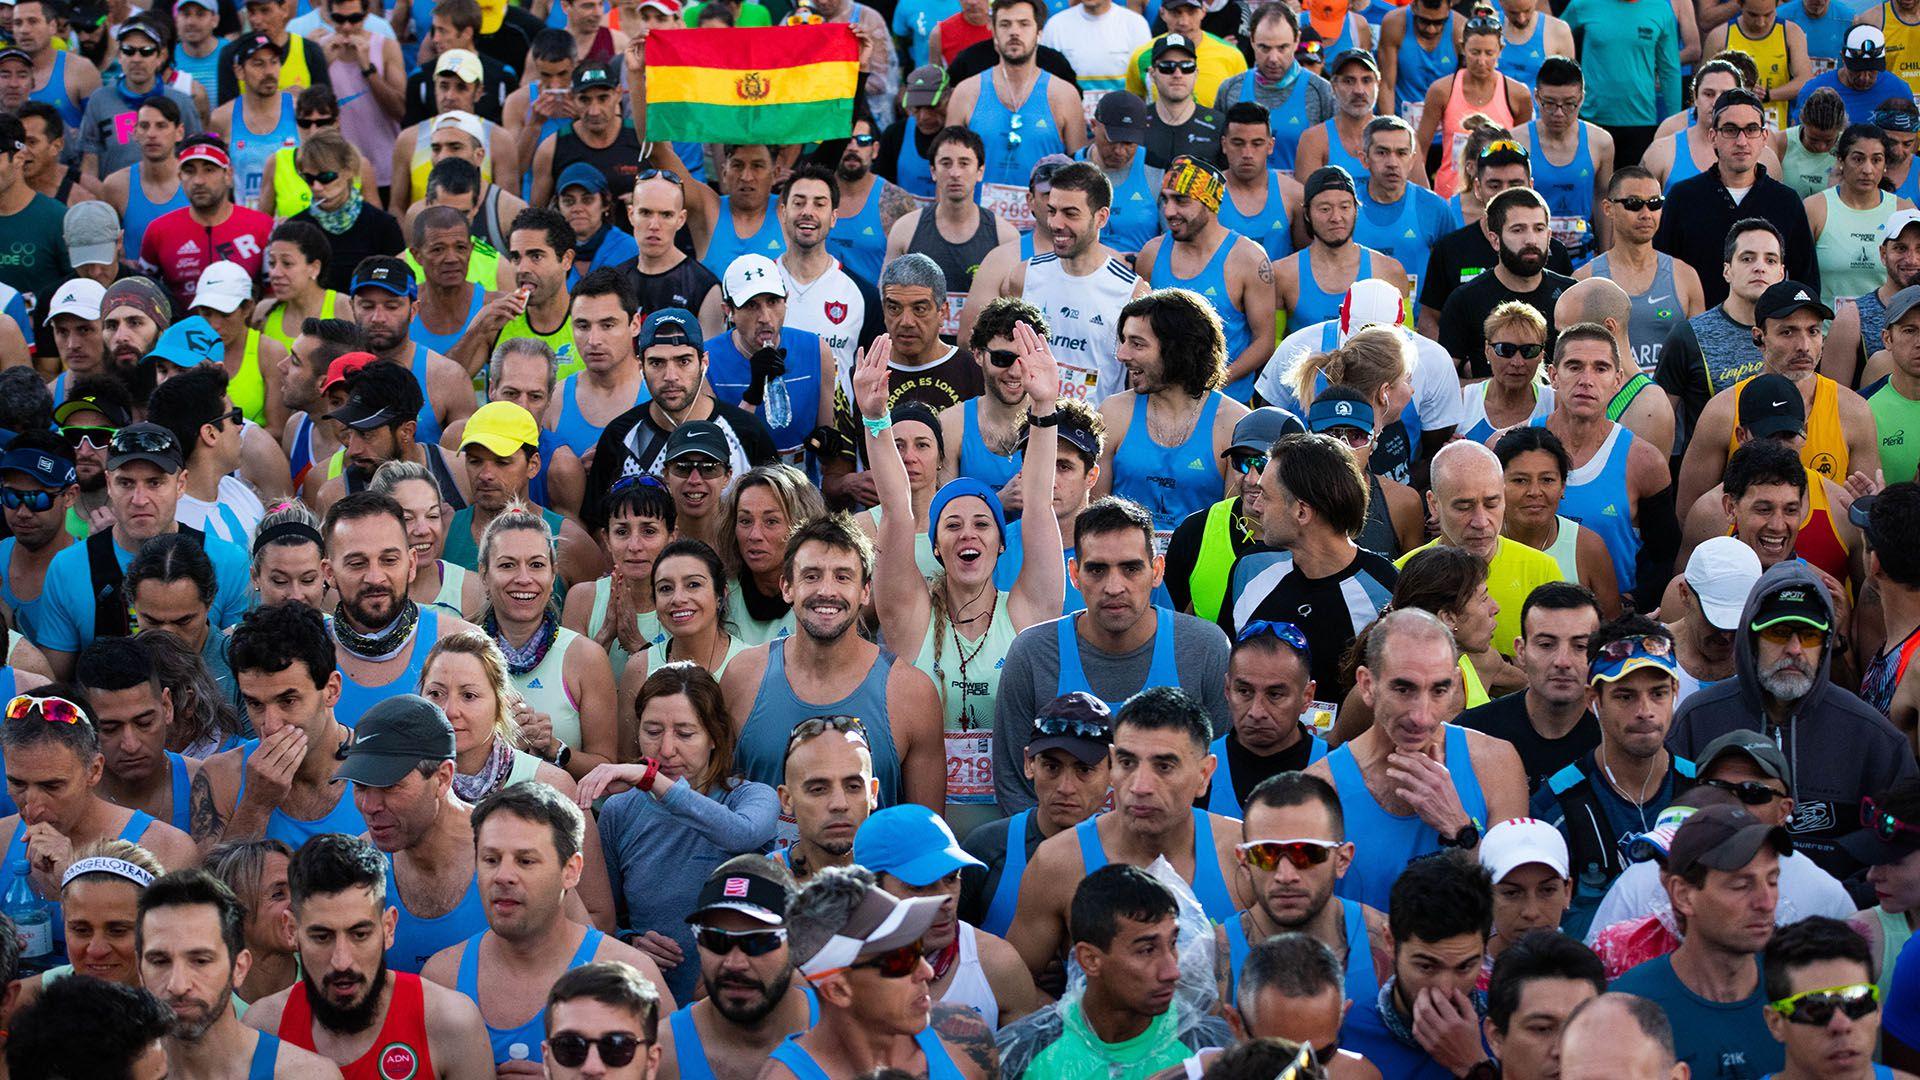 Más de 10 mil corredores se inscribieron en la 35° edición de la carrera más convocante de Latinoamérica (Franco Fafasuli)